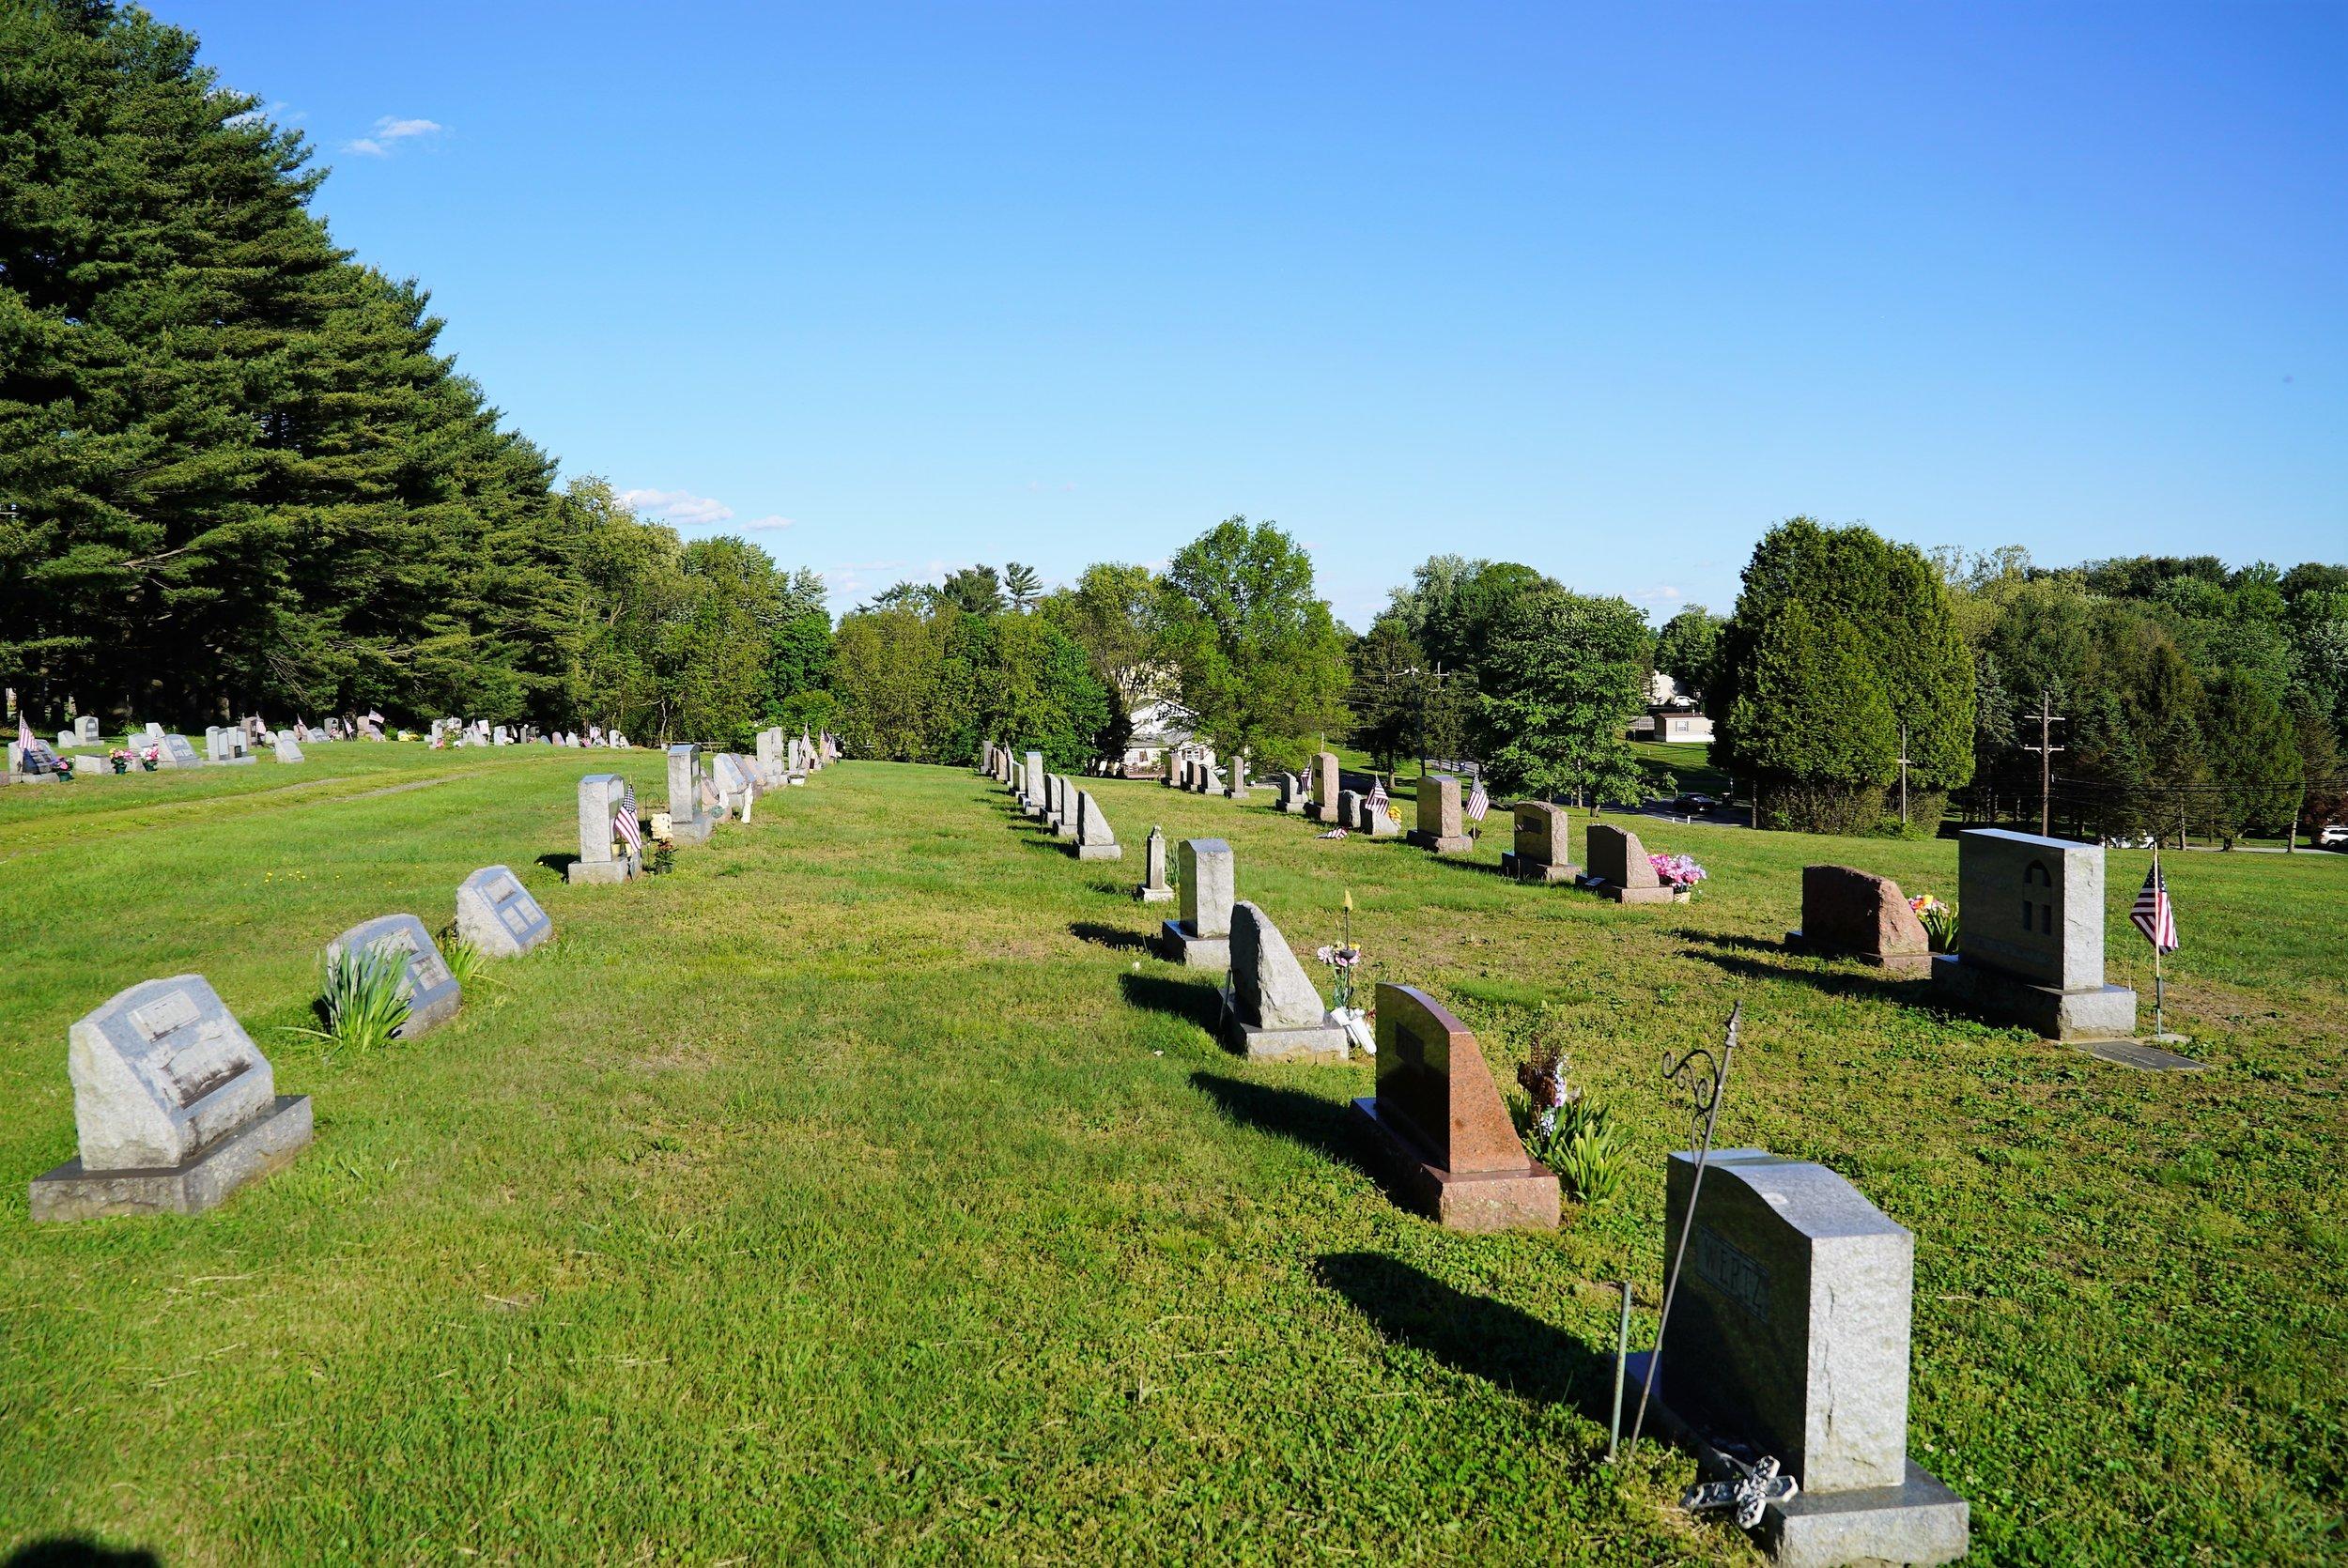 Romansville United Methodist Church Cemetery. Romansville, Pennsylvania.